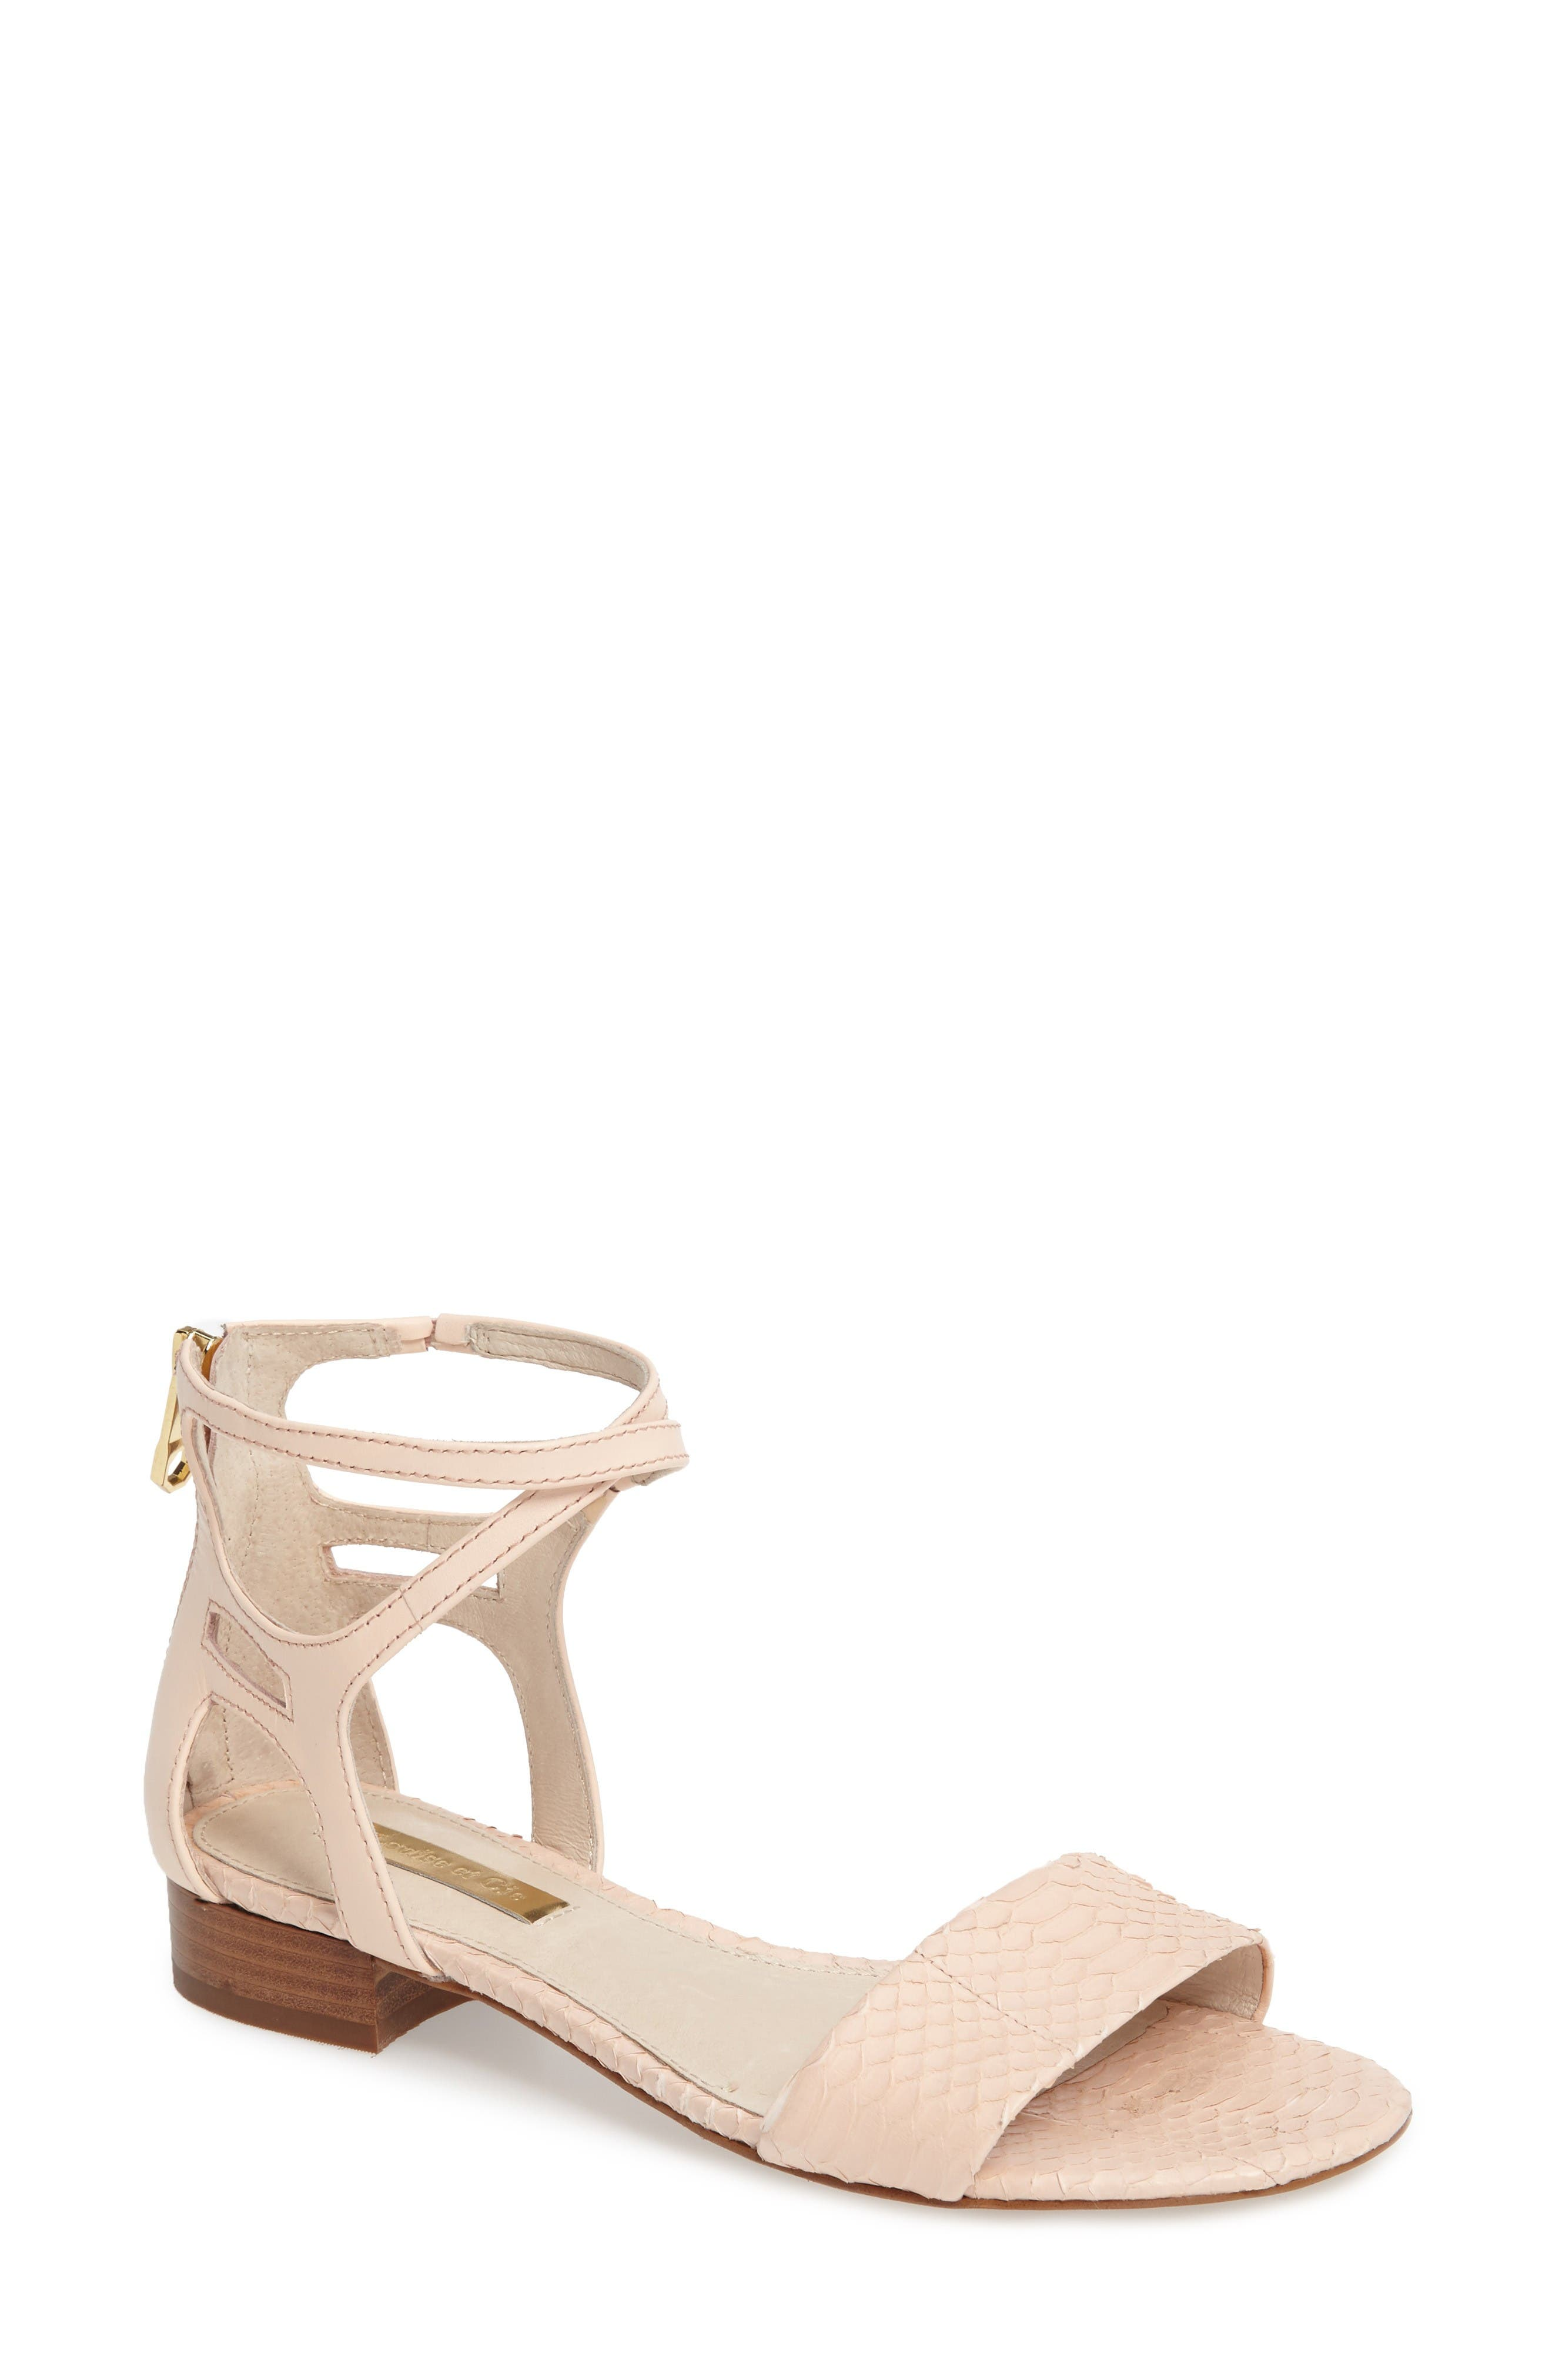 Louise et Cie Adley Ankle Strap Sandal (Women)